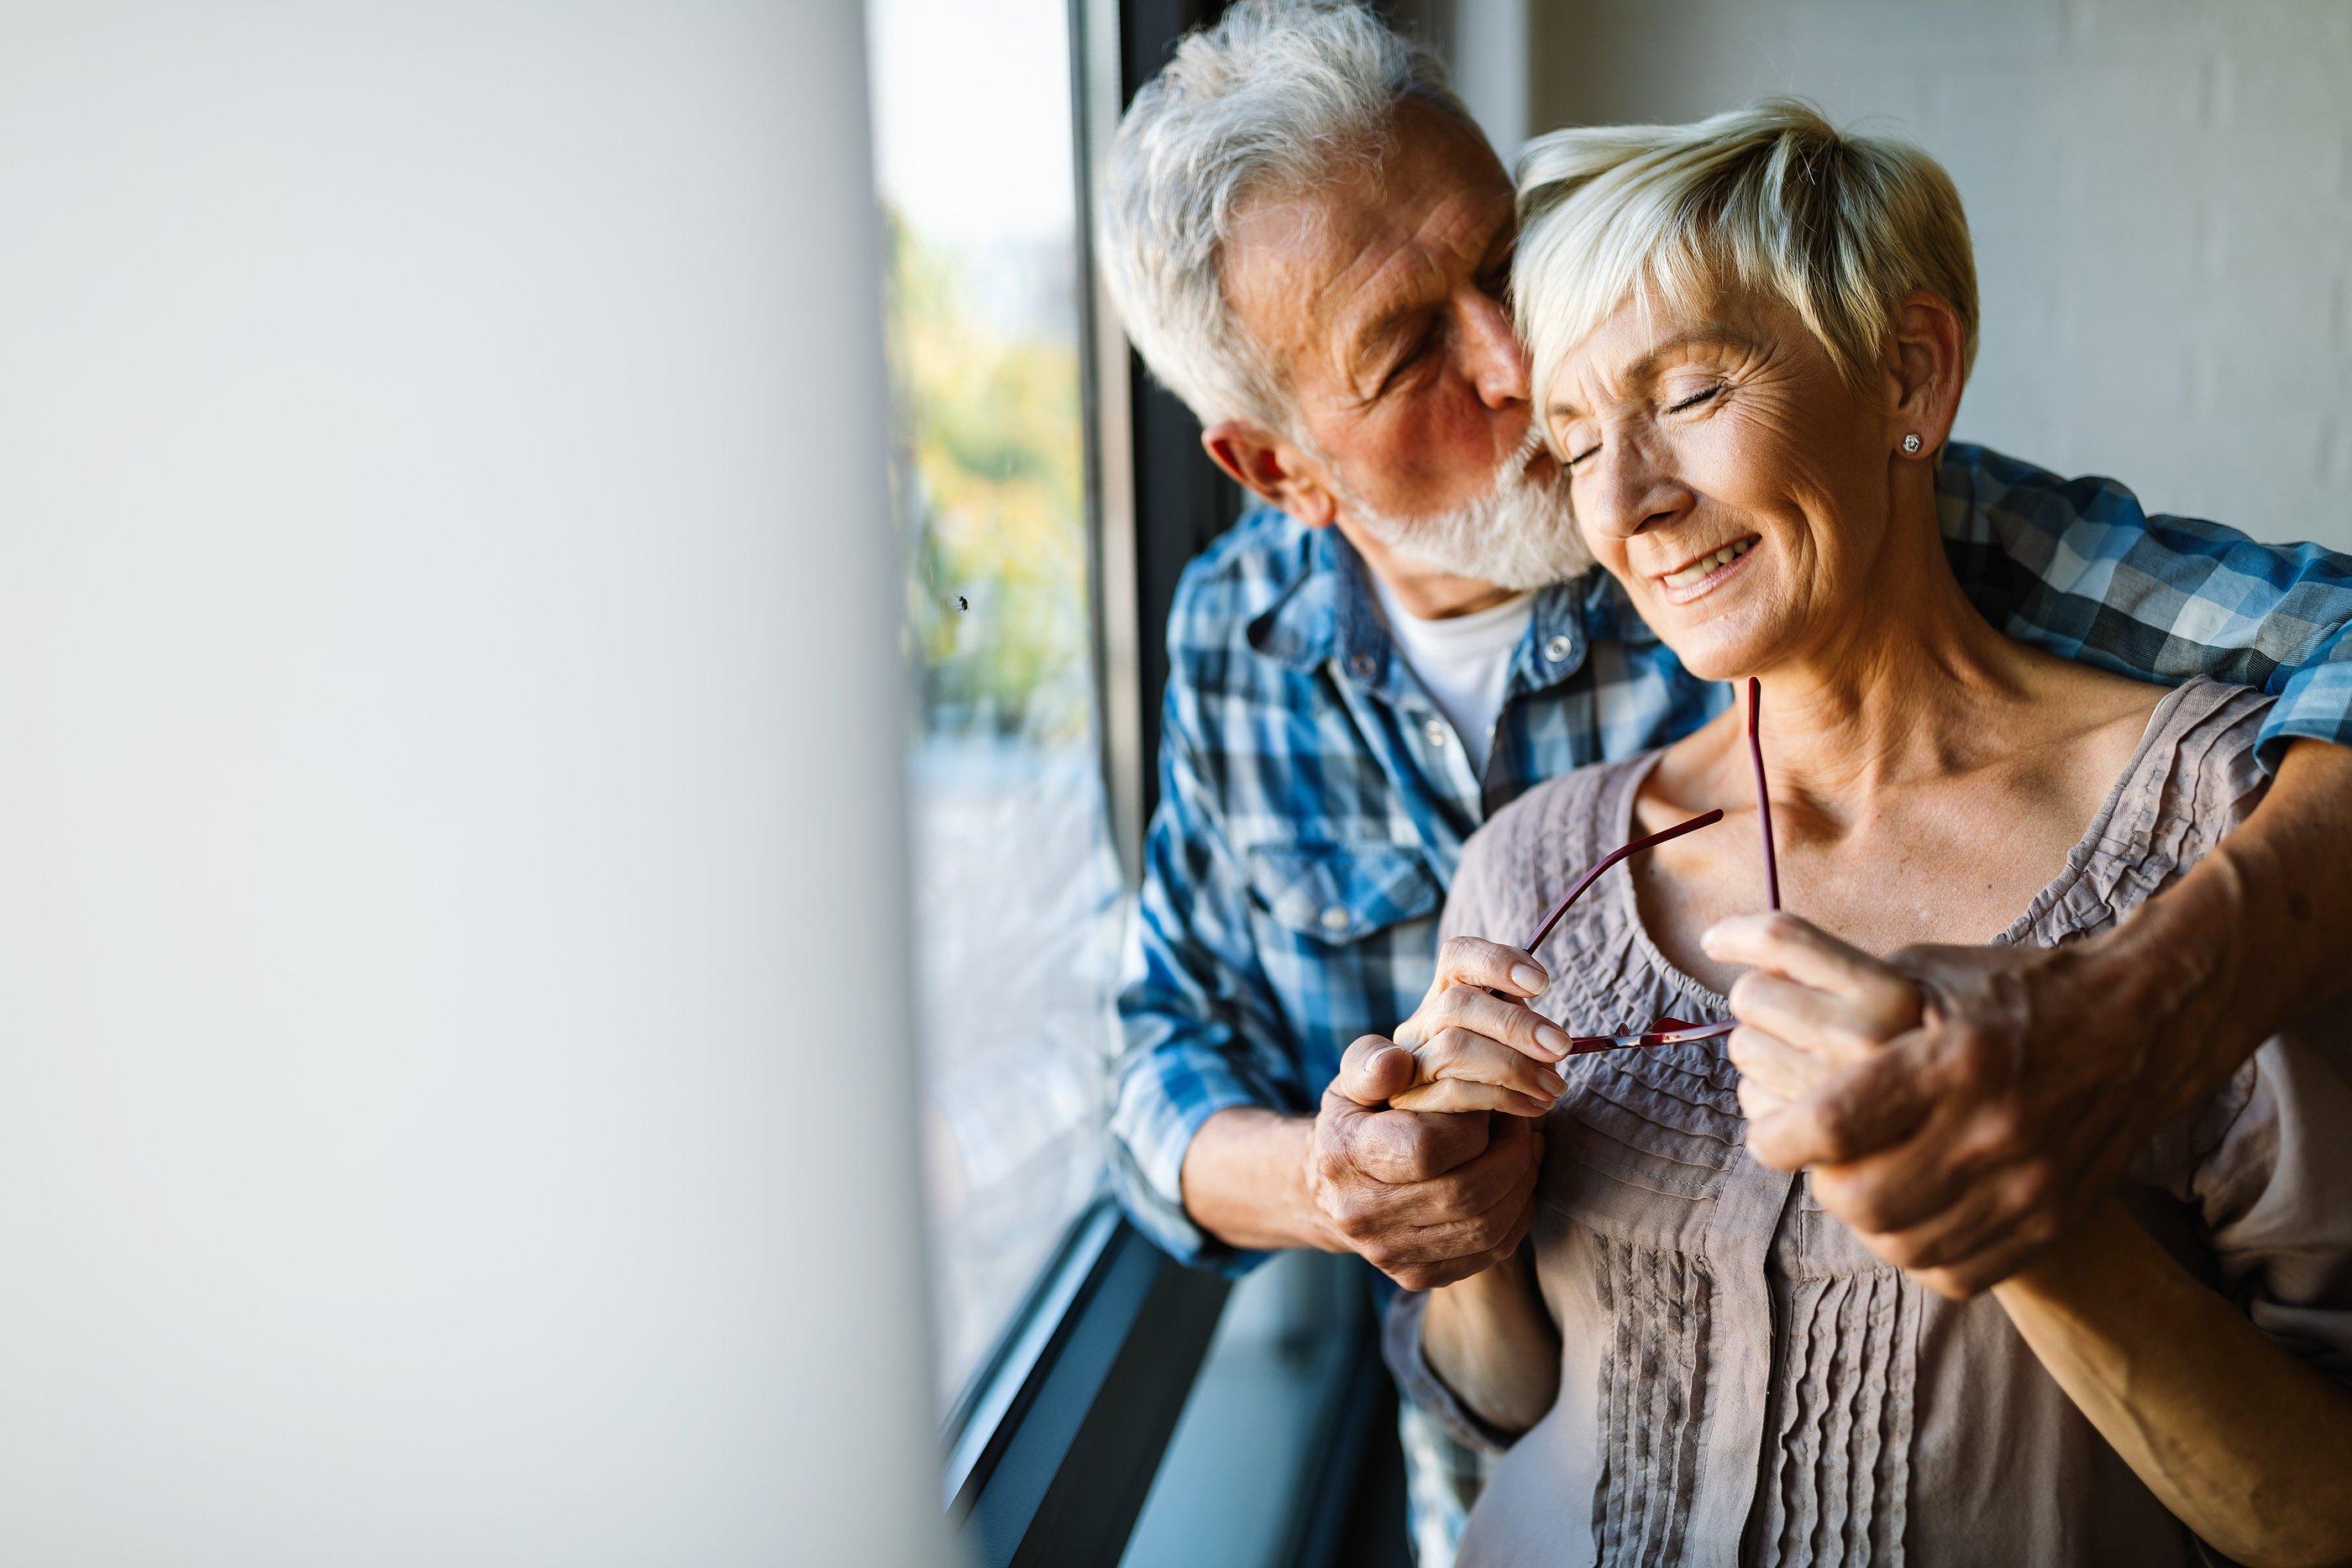 bigstock-Happy-Senior-Couple-In-Love-Hu-349365754